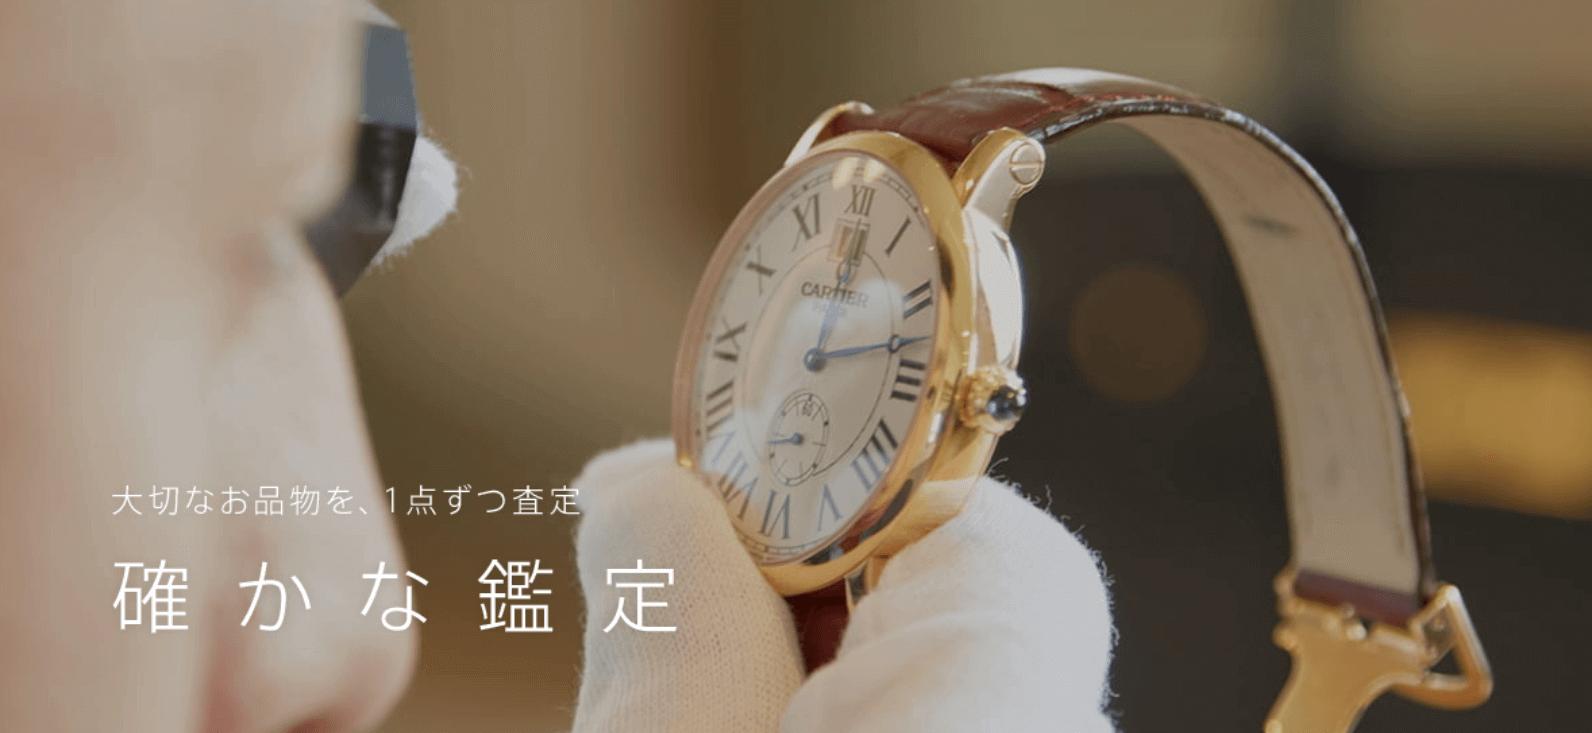 【東京都内・新宿駅徒歩2分】WEBディレクター/自社サービスを手掛ける/幹部候補のカバー写真